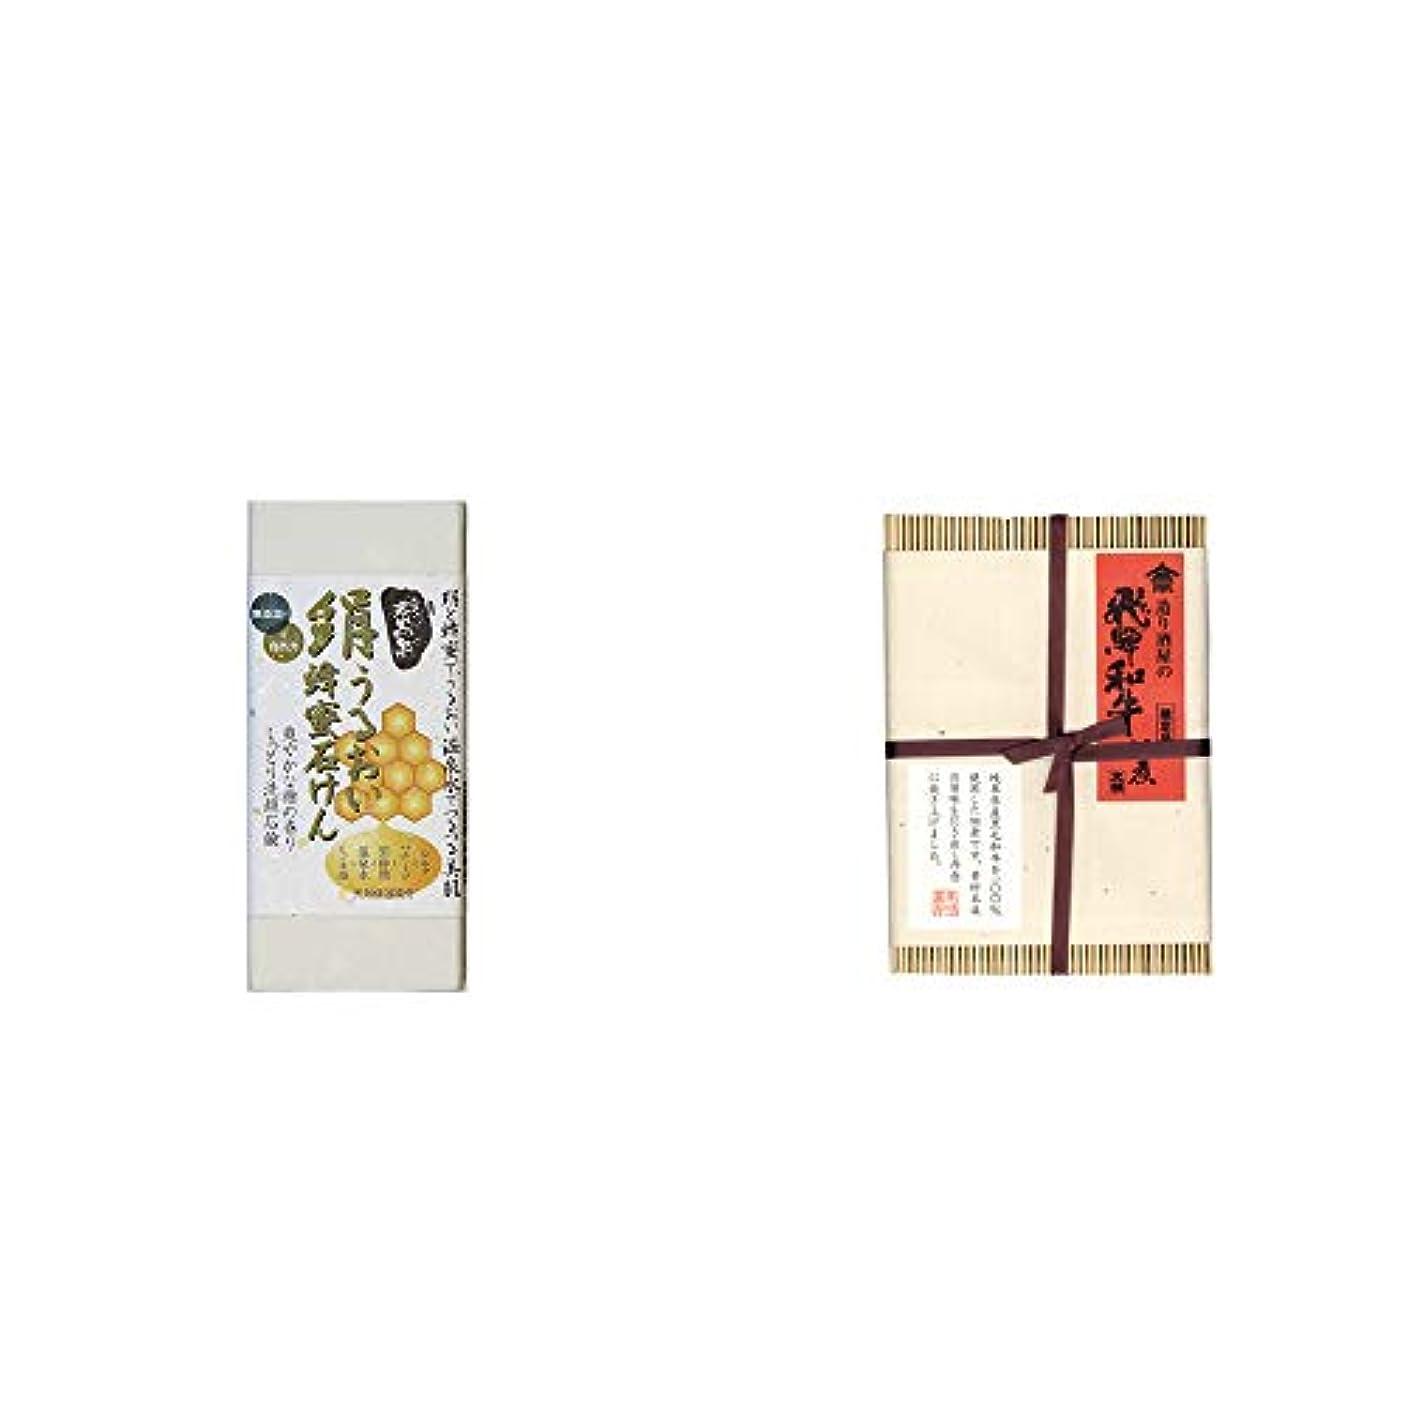 シーフードベーシックウール[2点セット] ひのき炭黒泉 絹うるおい蜂蜜石けん(75g×2)?天領酒造 造り酒屋の飛騨和牛佃煮(100g)